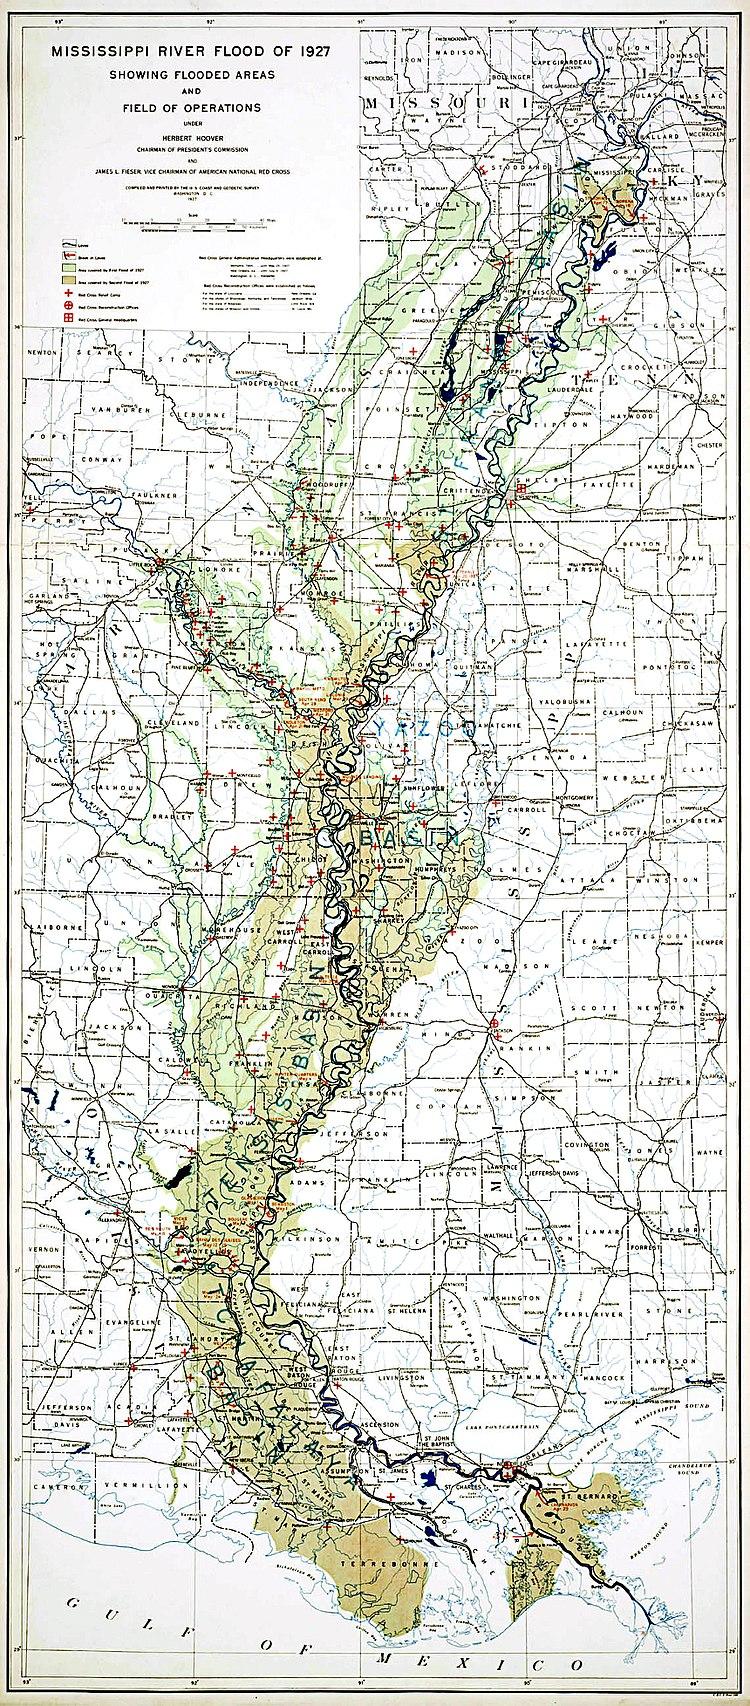 MIssissippi River Flood of 1927